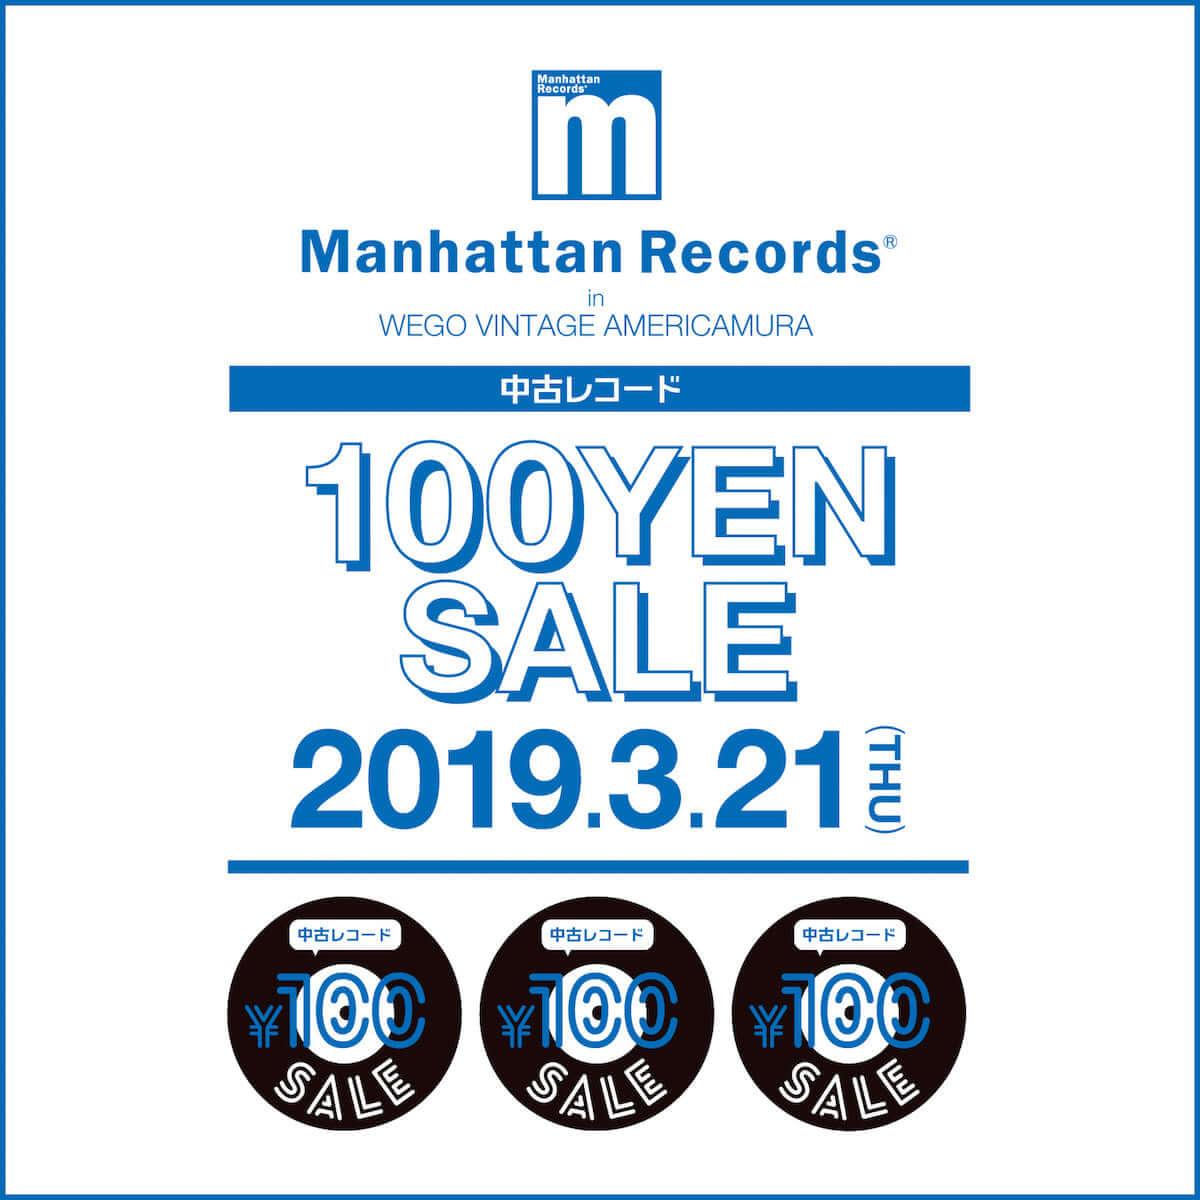 大阪にマンハッタンレコードが復活。オープニングイベントにはDJ HASEBE/MUROが登場 OPENING_100sale-osaka_sns-1200x1200